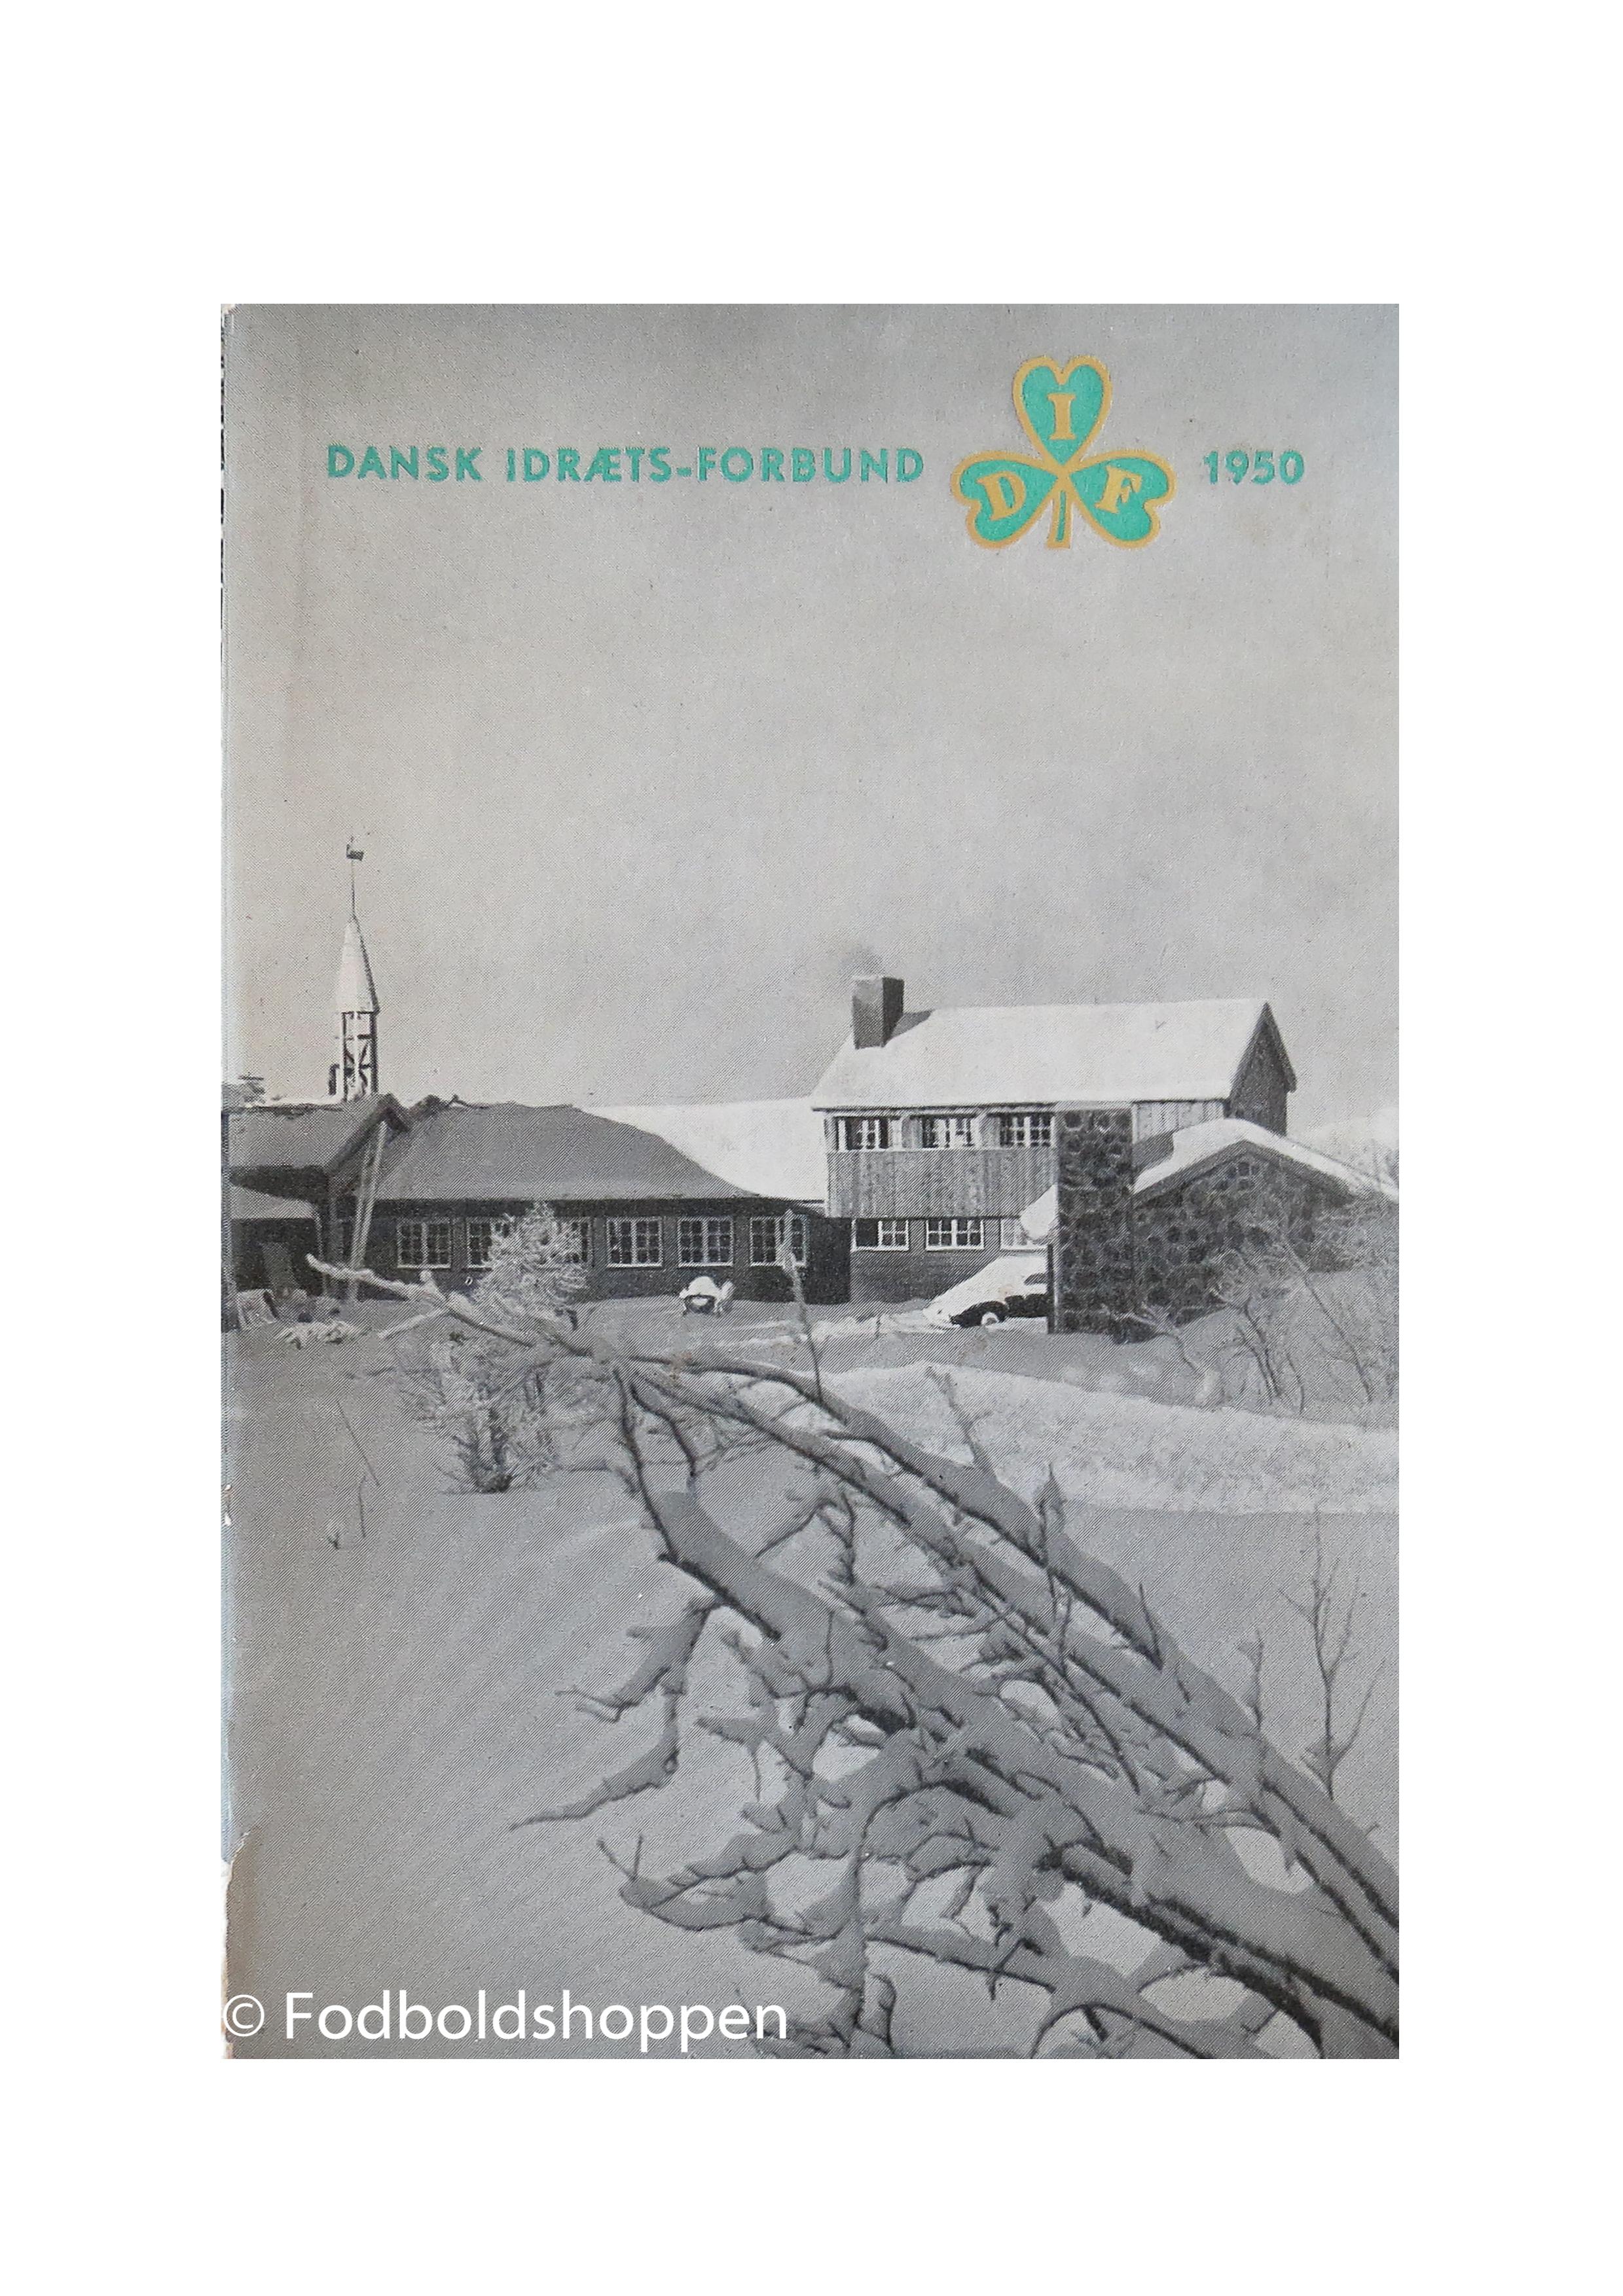 Dansk Idrætsforbund årbog 1950